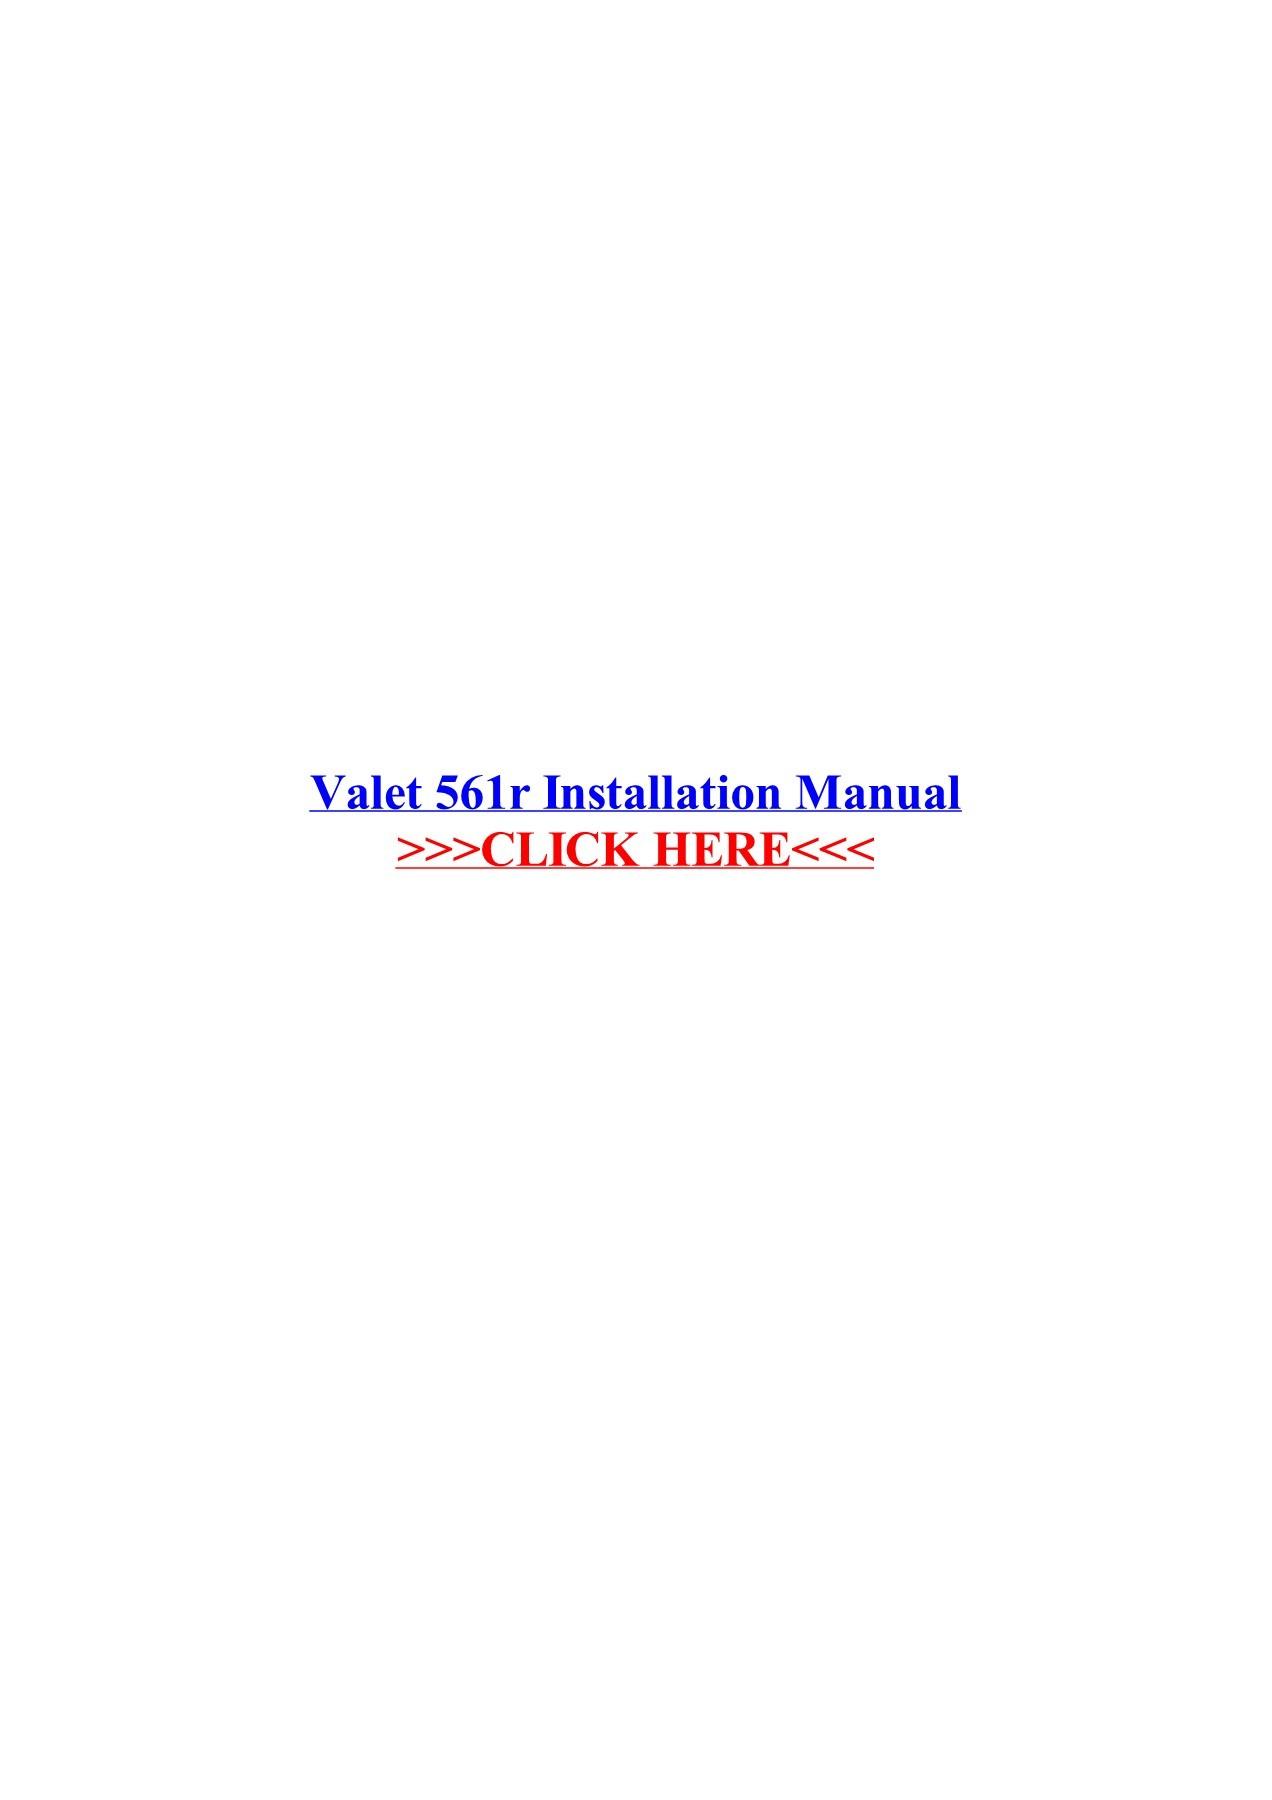 hight resolution of valet 561r installation manual wordpress com